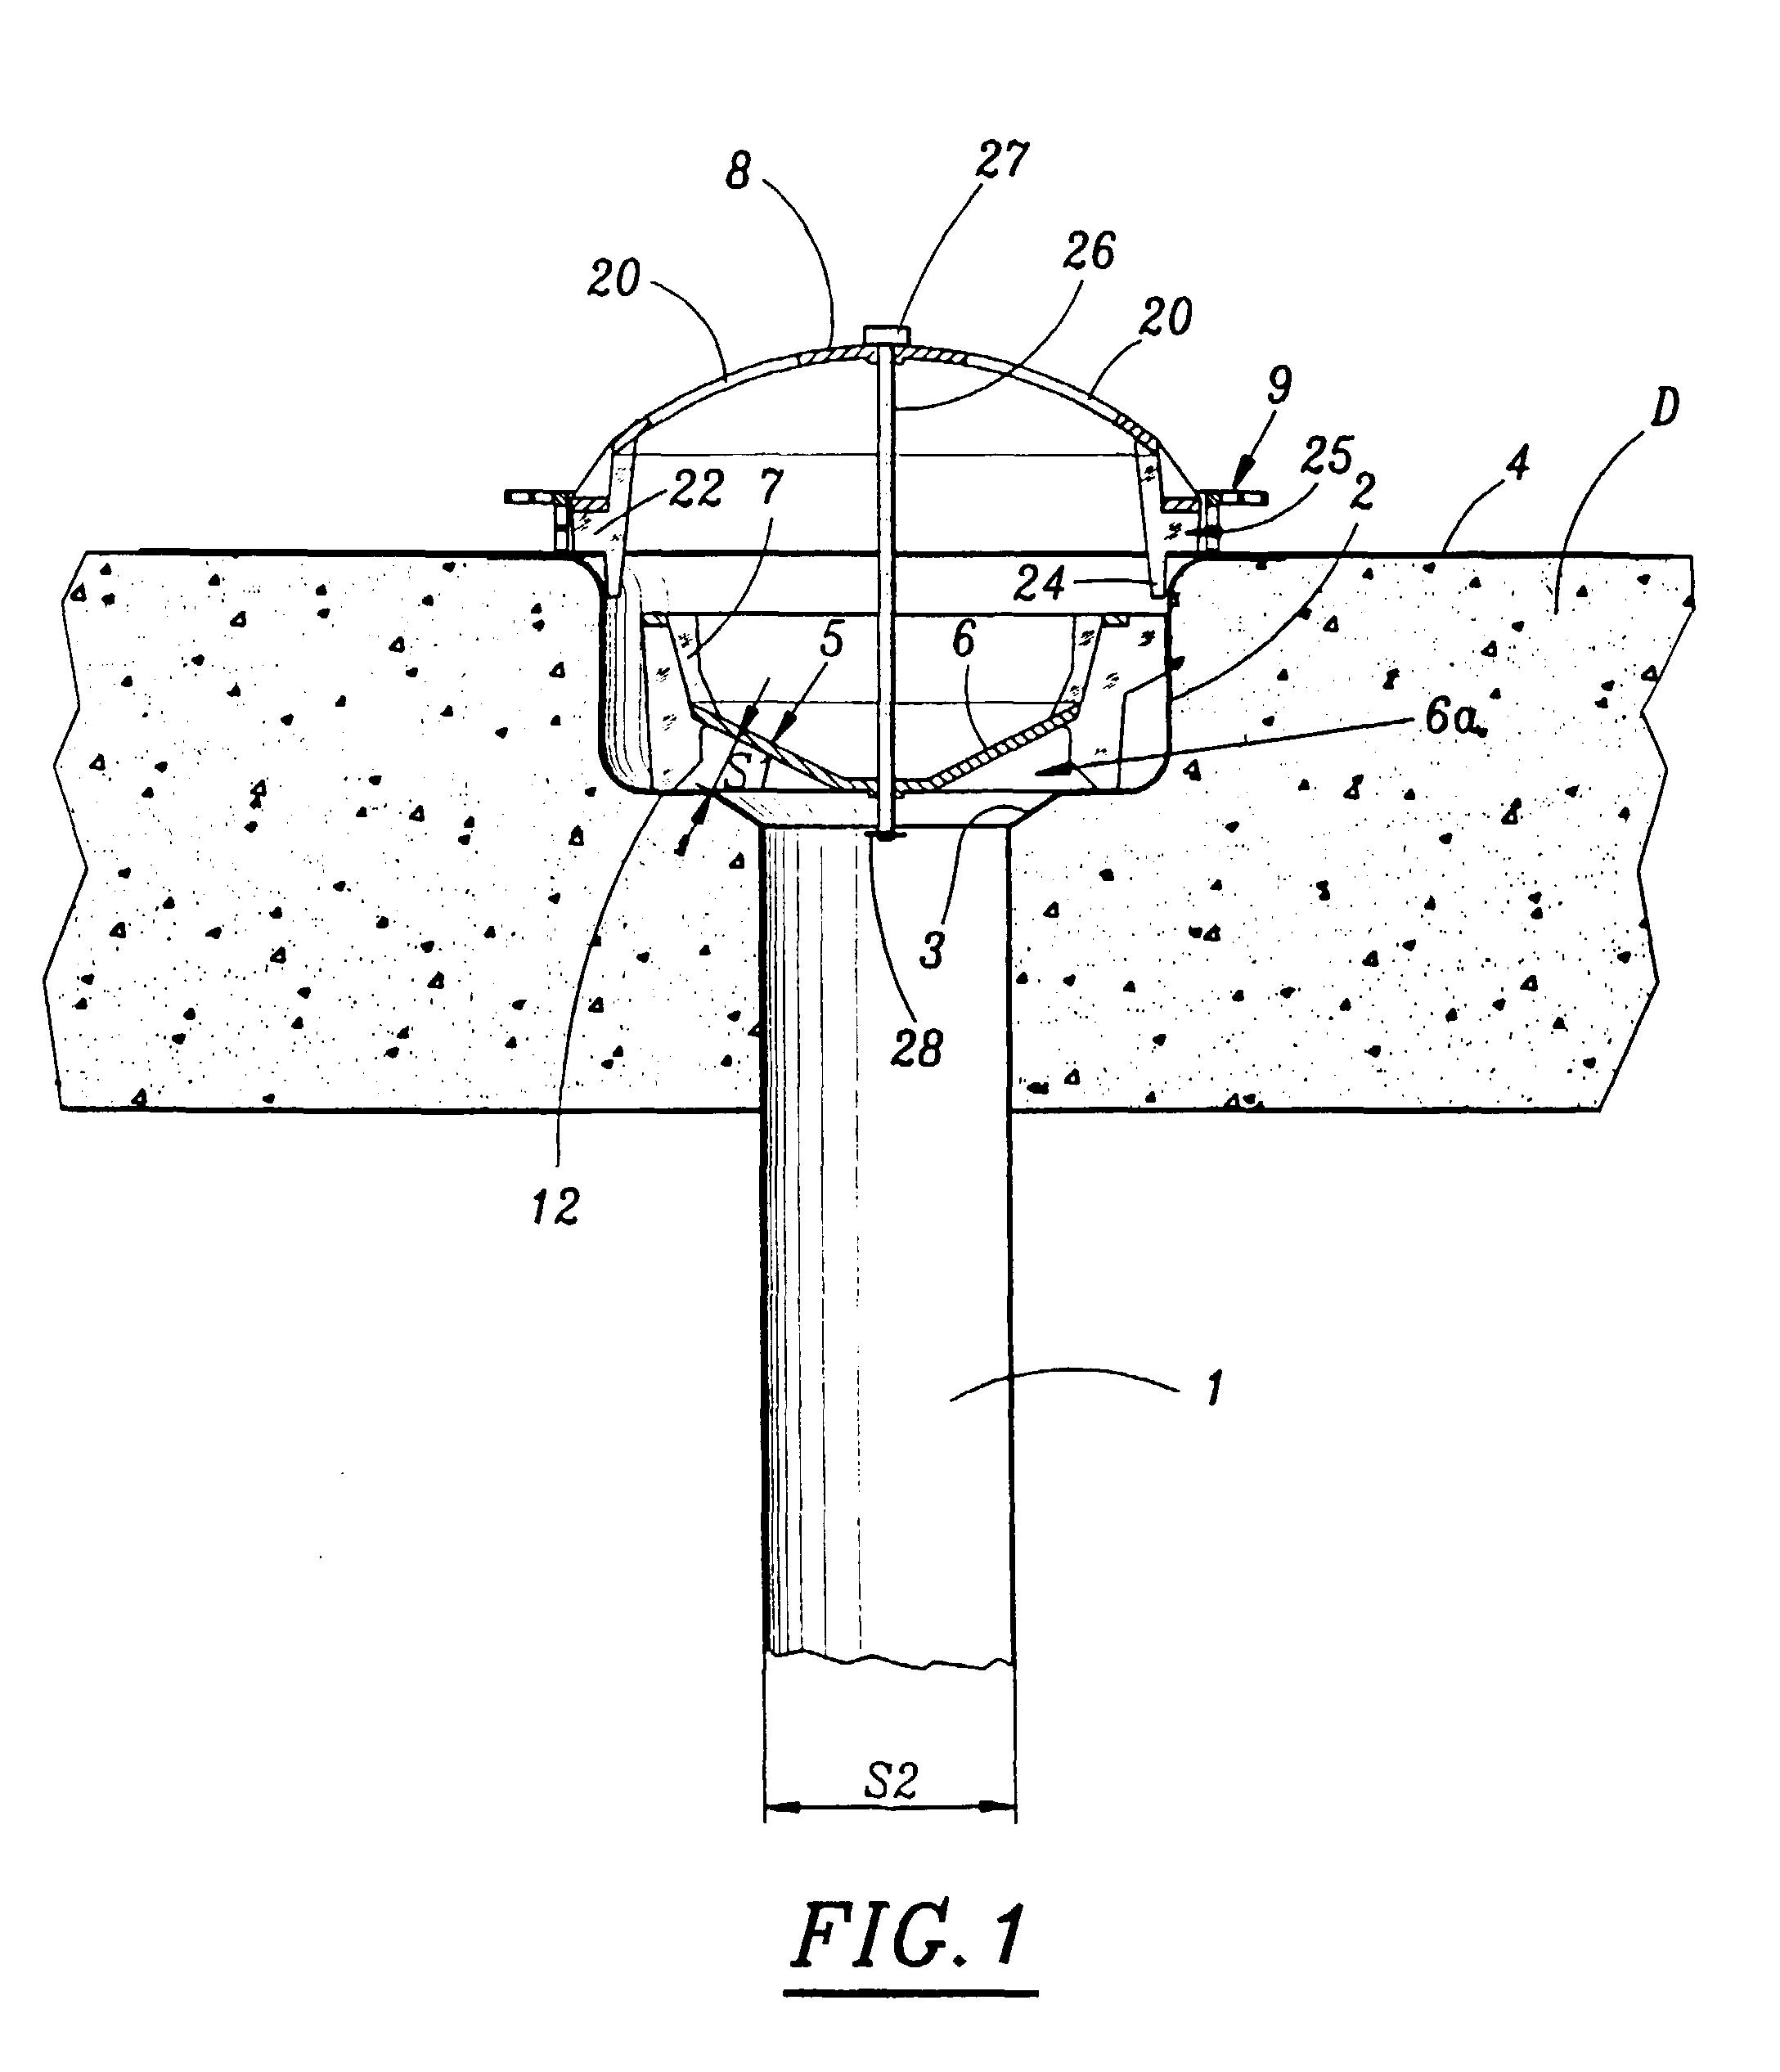 patent ep0891461b1 dispositif d 39 evacuation des eaux pluviales de la surface d 39 une toiture de. Black Bedroom Furniture Sets. Home Design Ideas